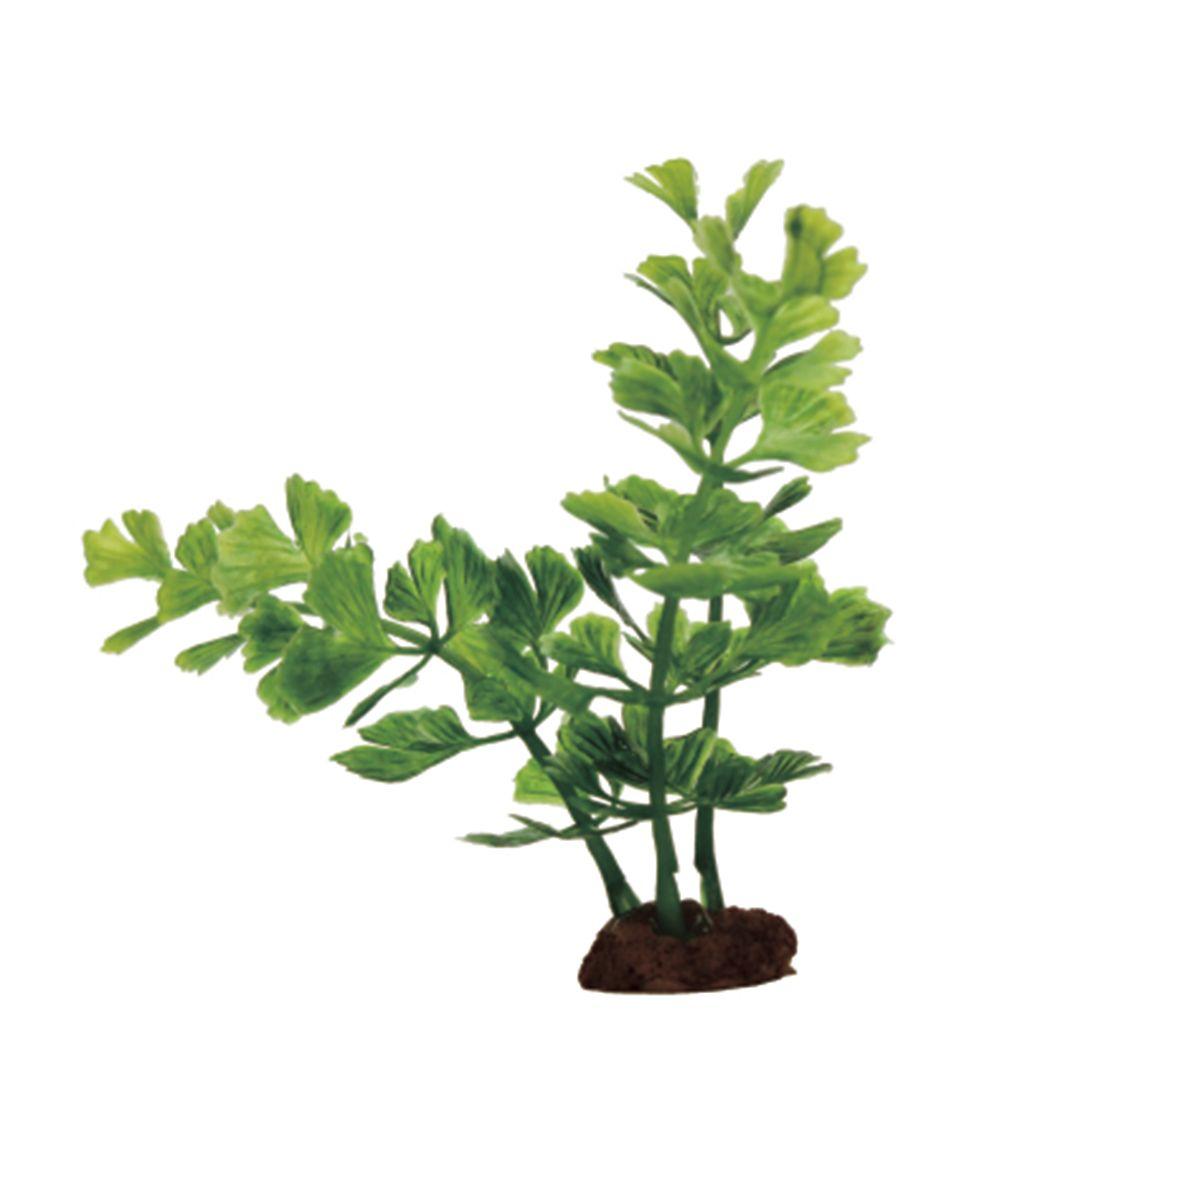 Растение для аквариума ArtUniq Кариота, высота 10 см, 6 штART-1170533Растение для аквариума ArtUniq Кариота, высота 10 см, 6 шт